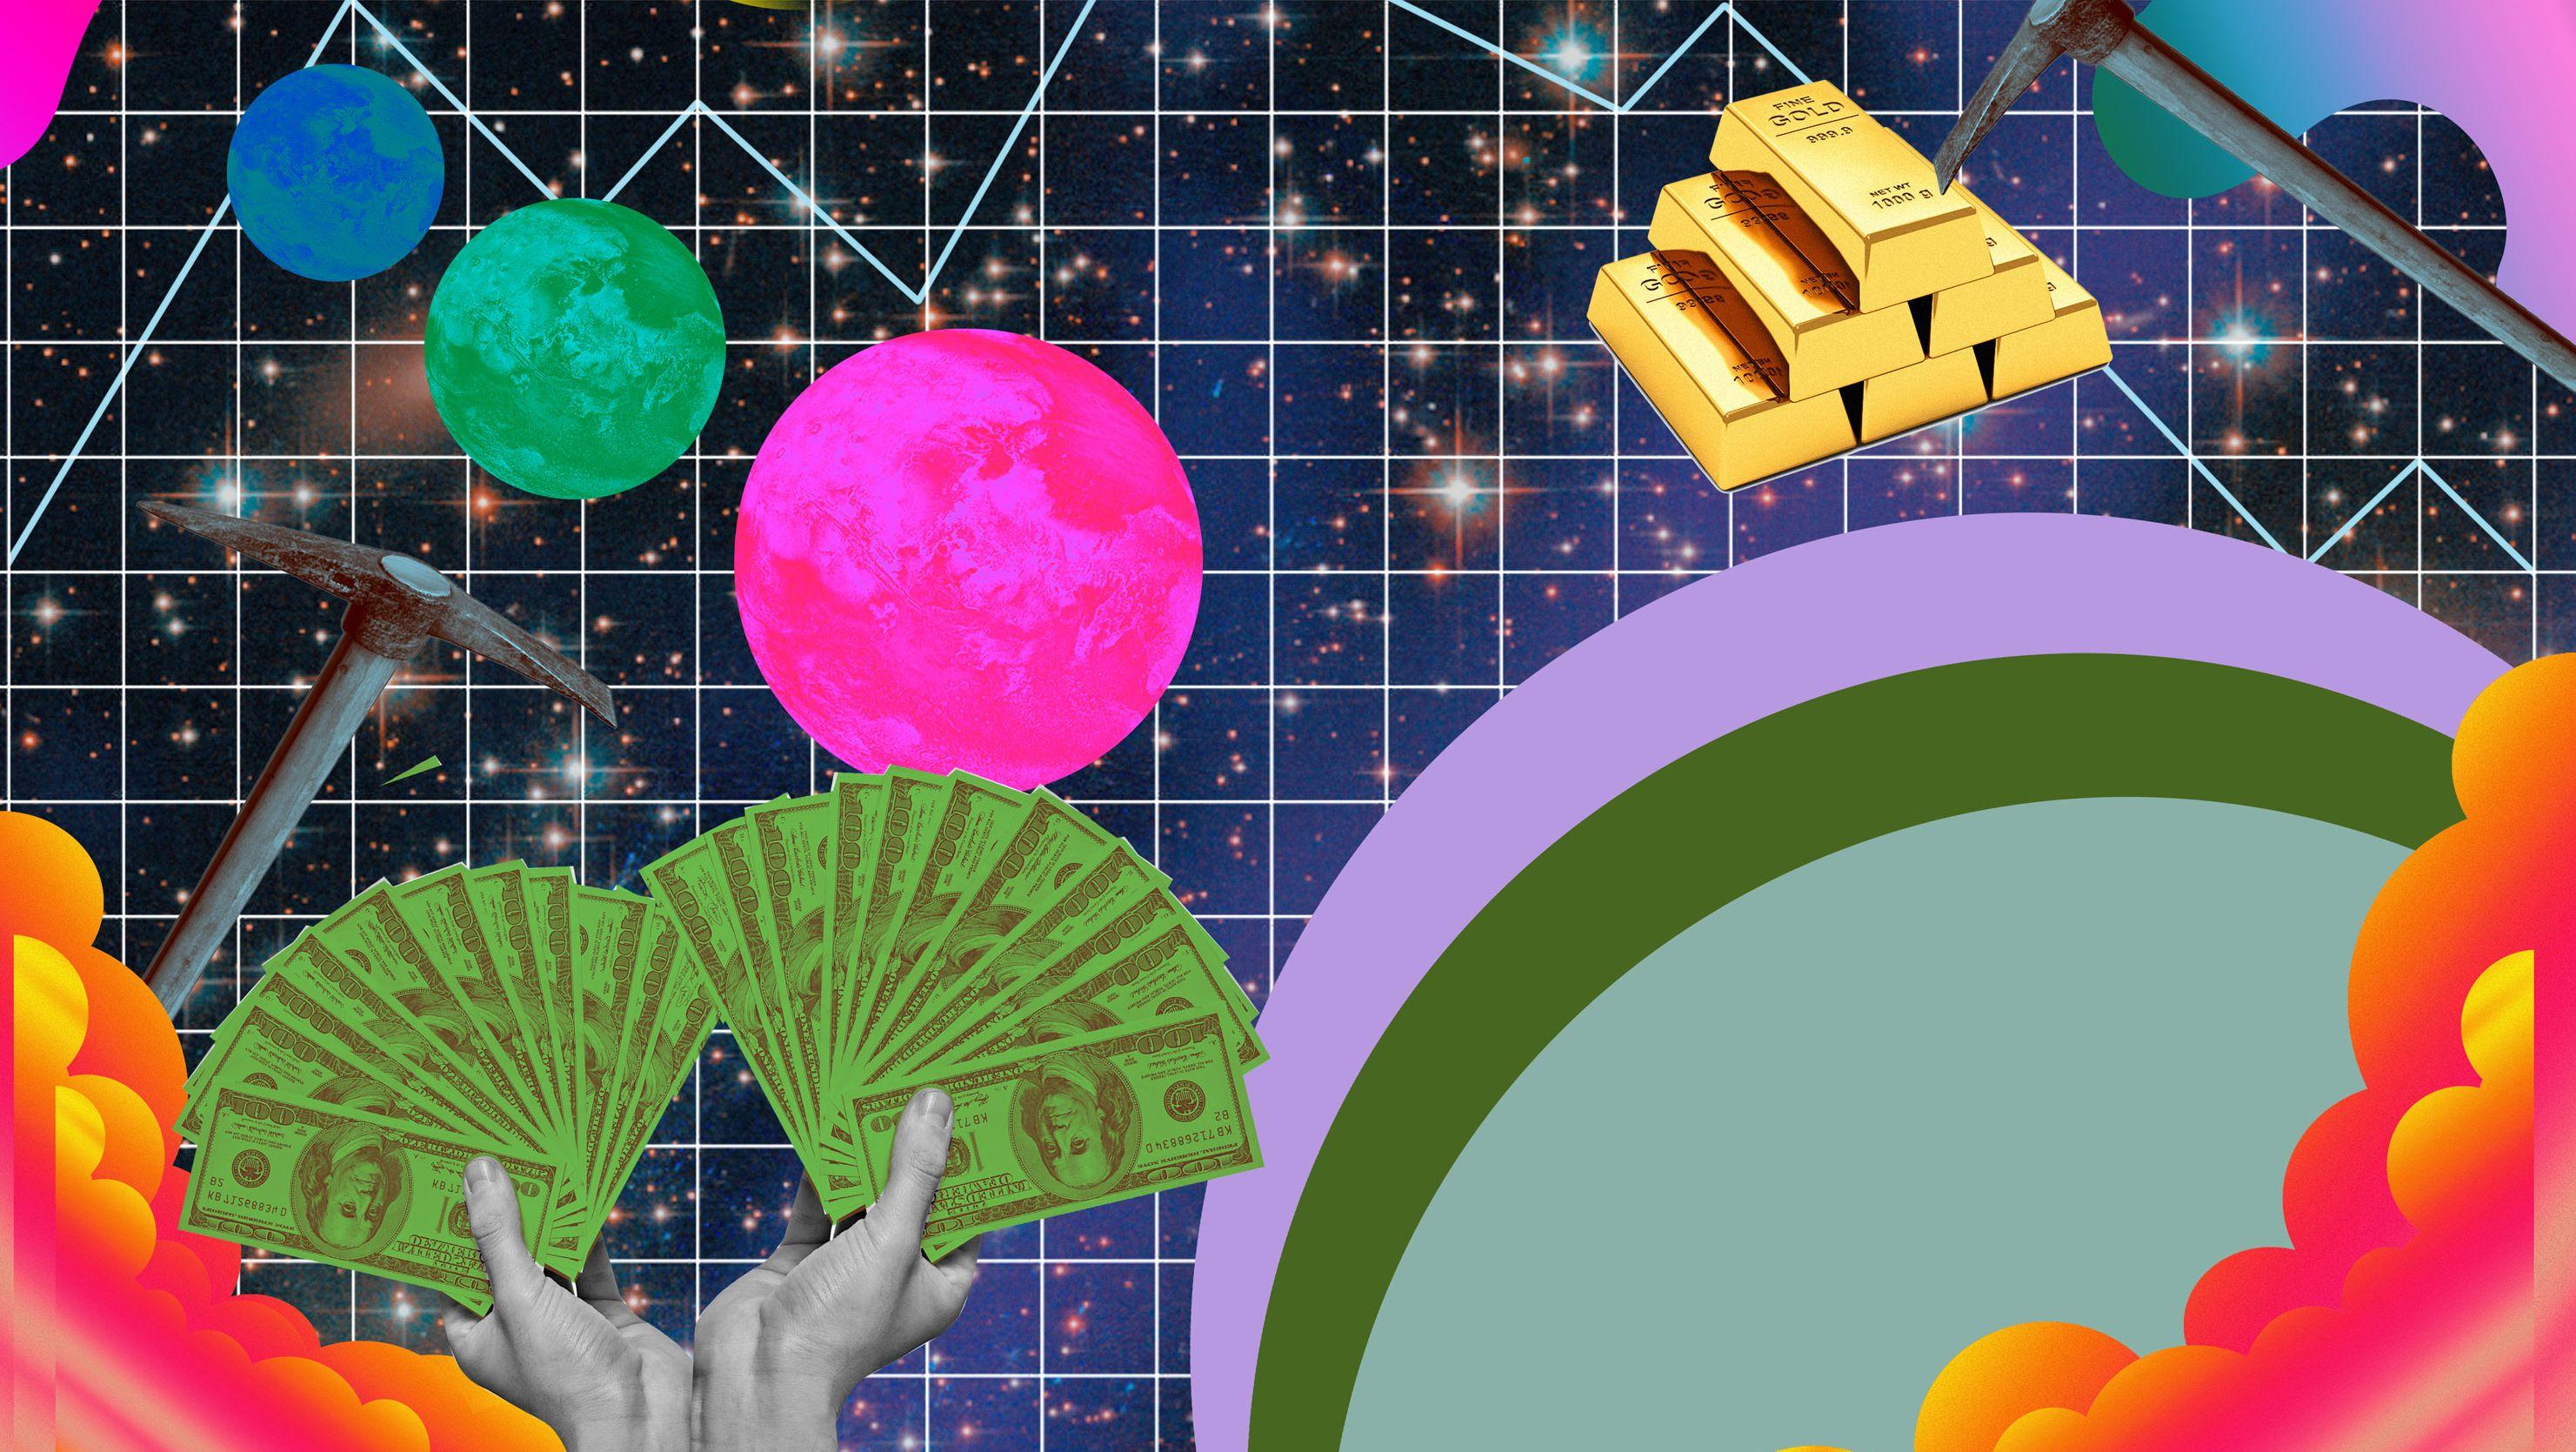 小惑星資源採掘バブル崩壊は 何を残したのか?